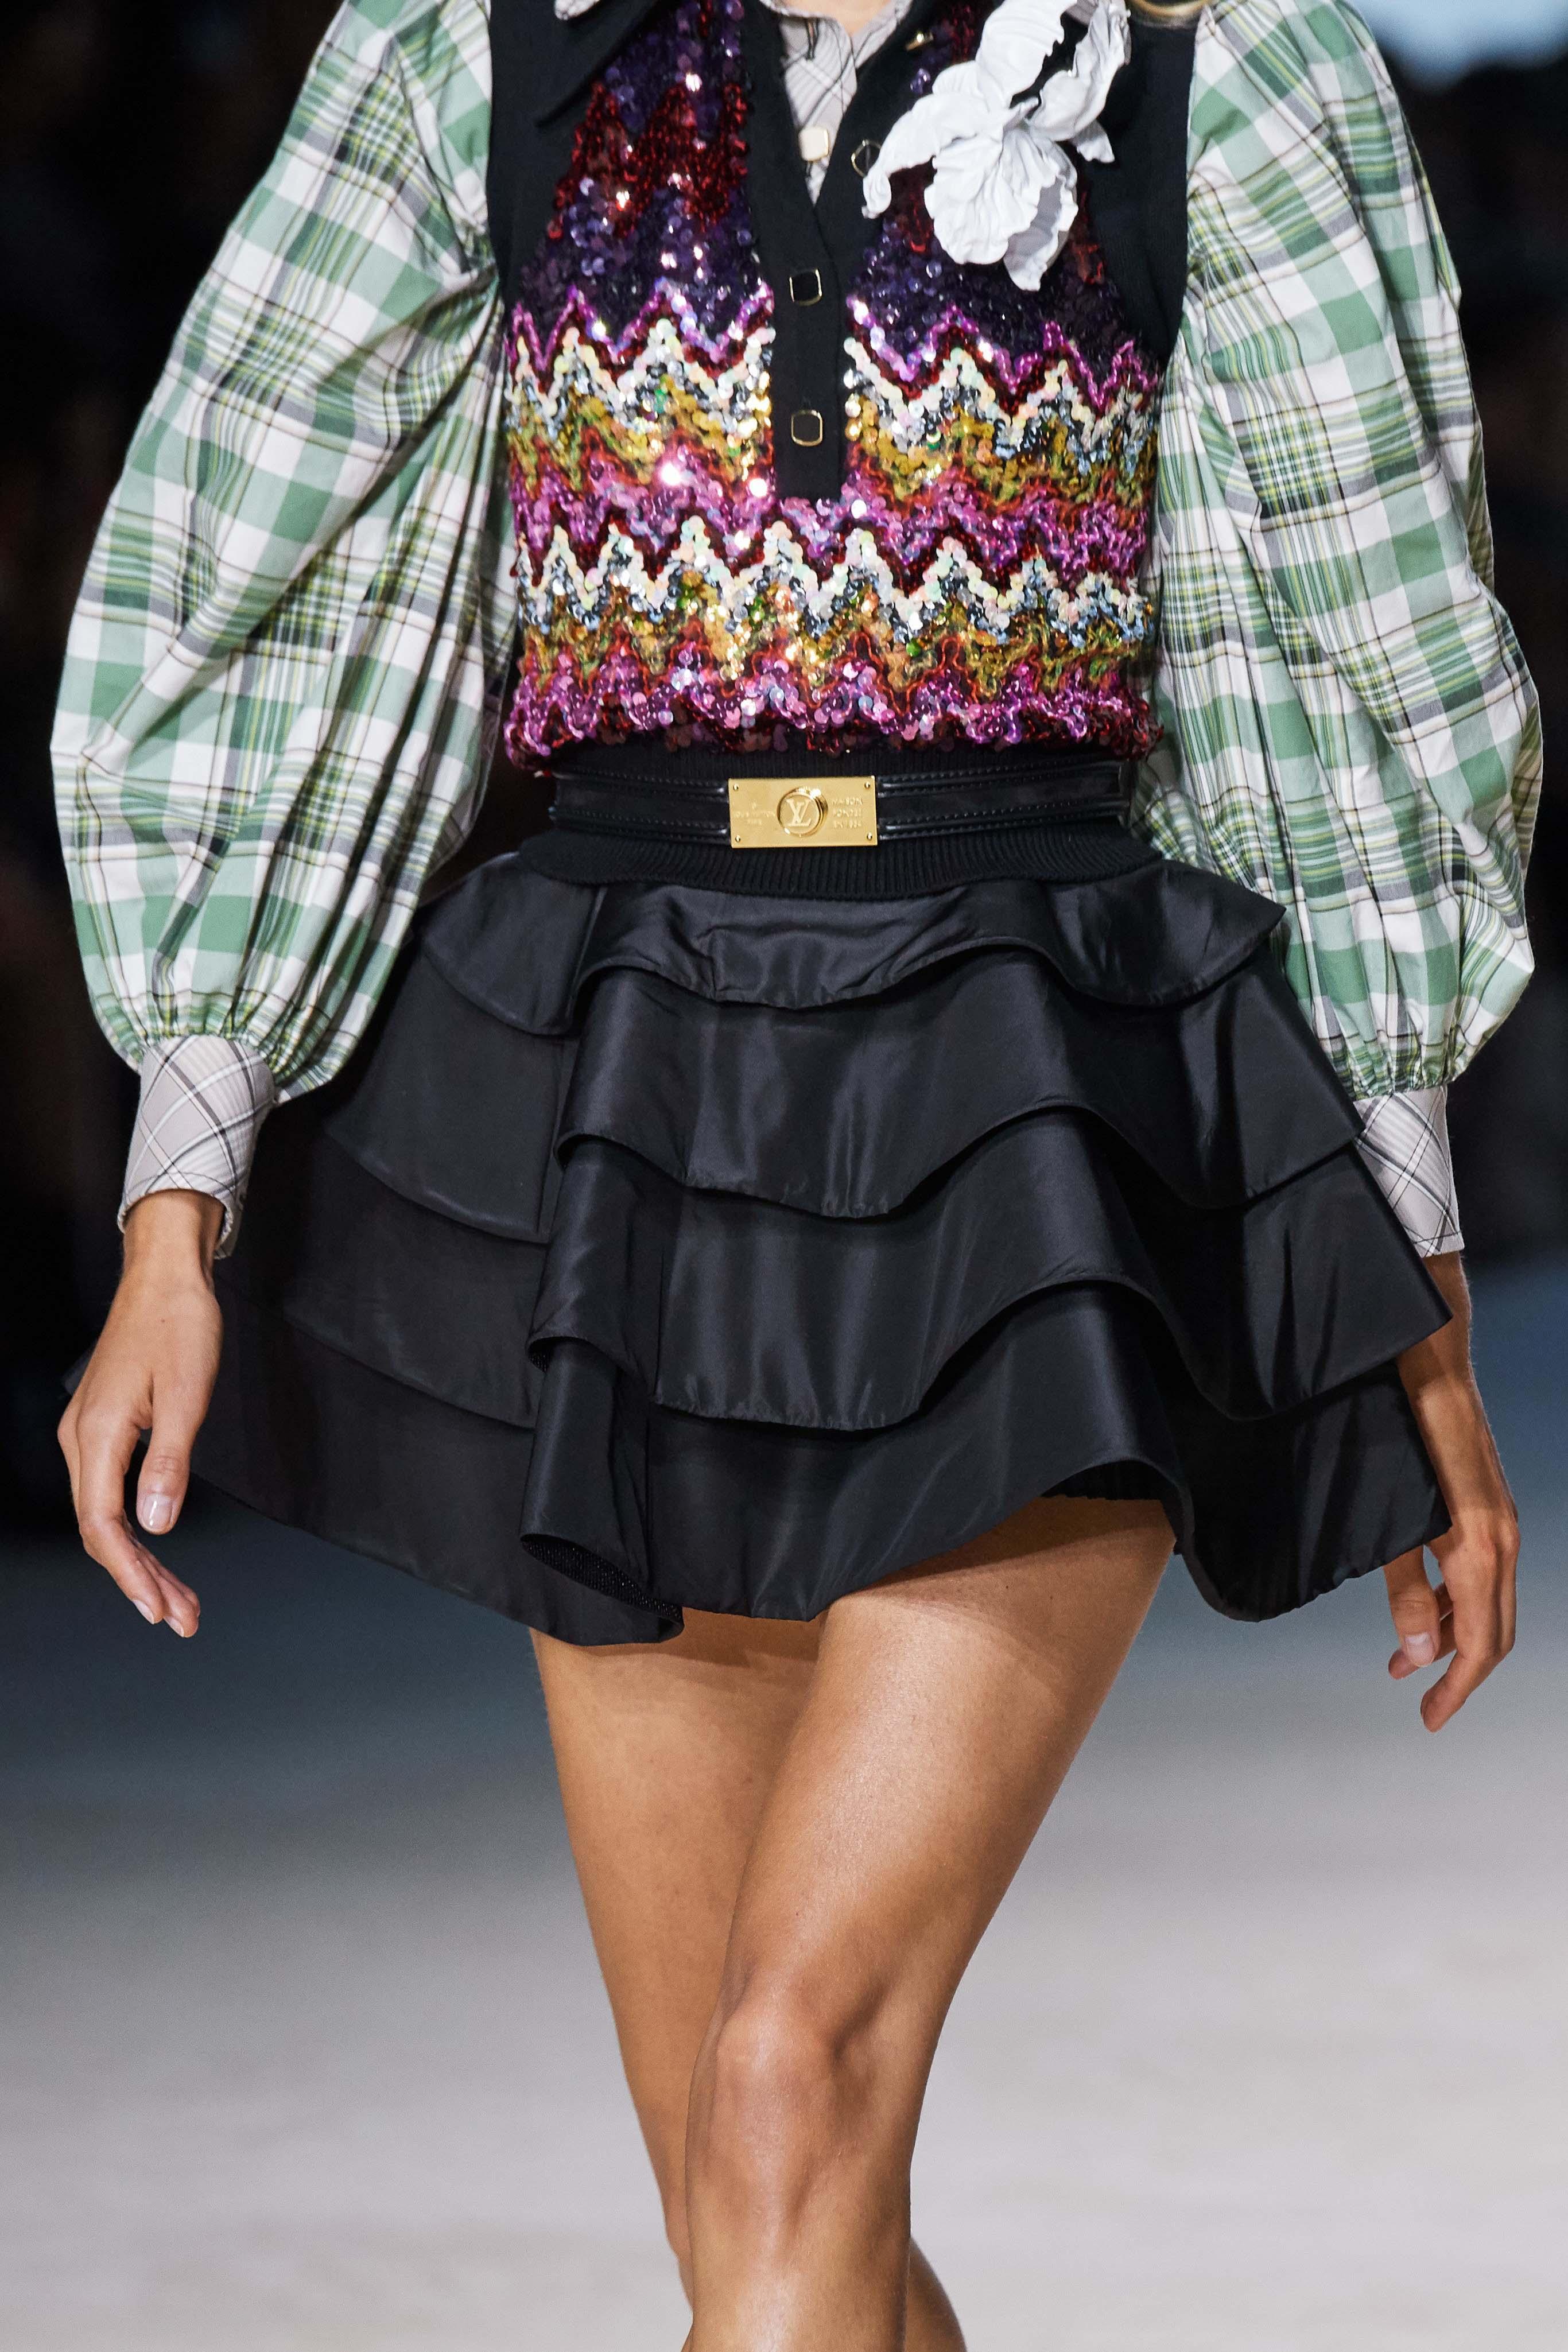 Louis Vuitton Spring Summer 2020 SS20 Vogue Runway